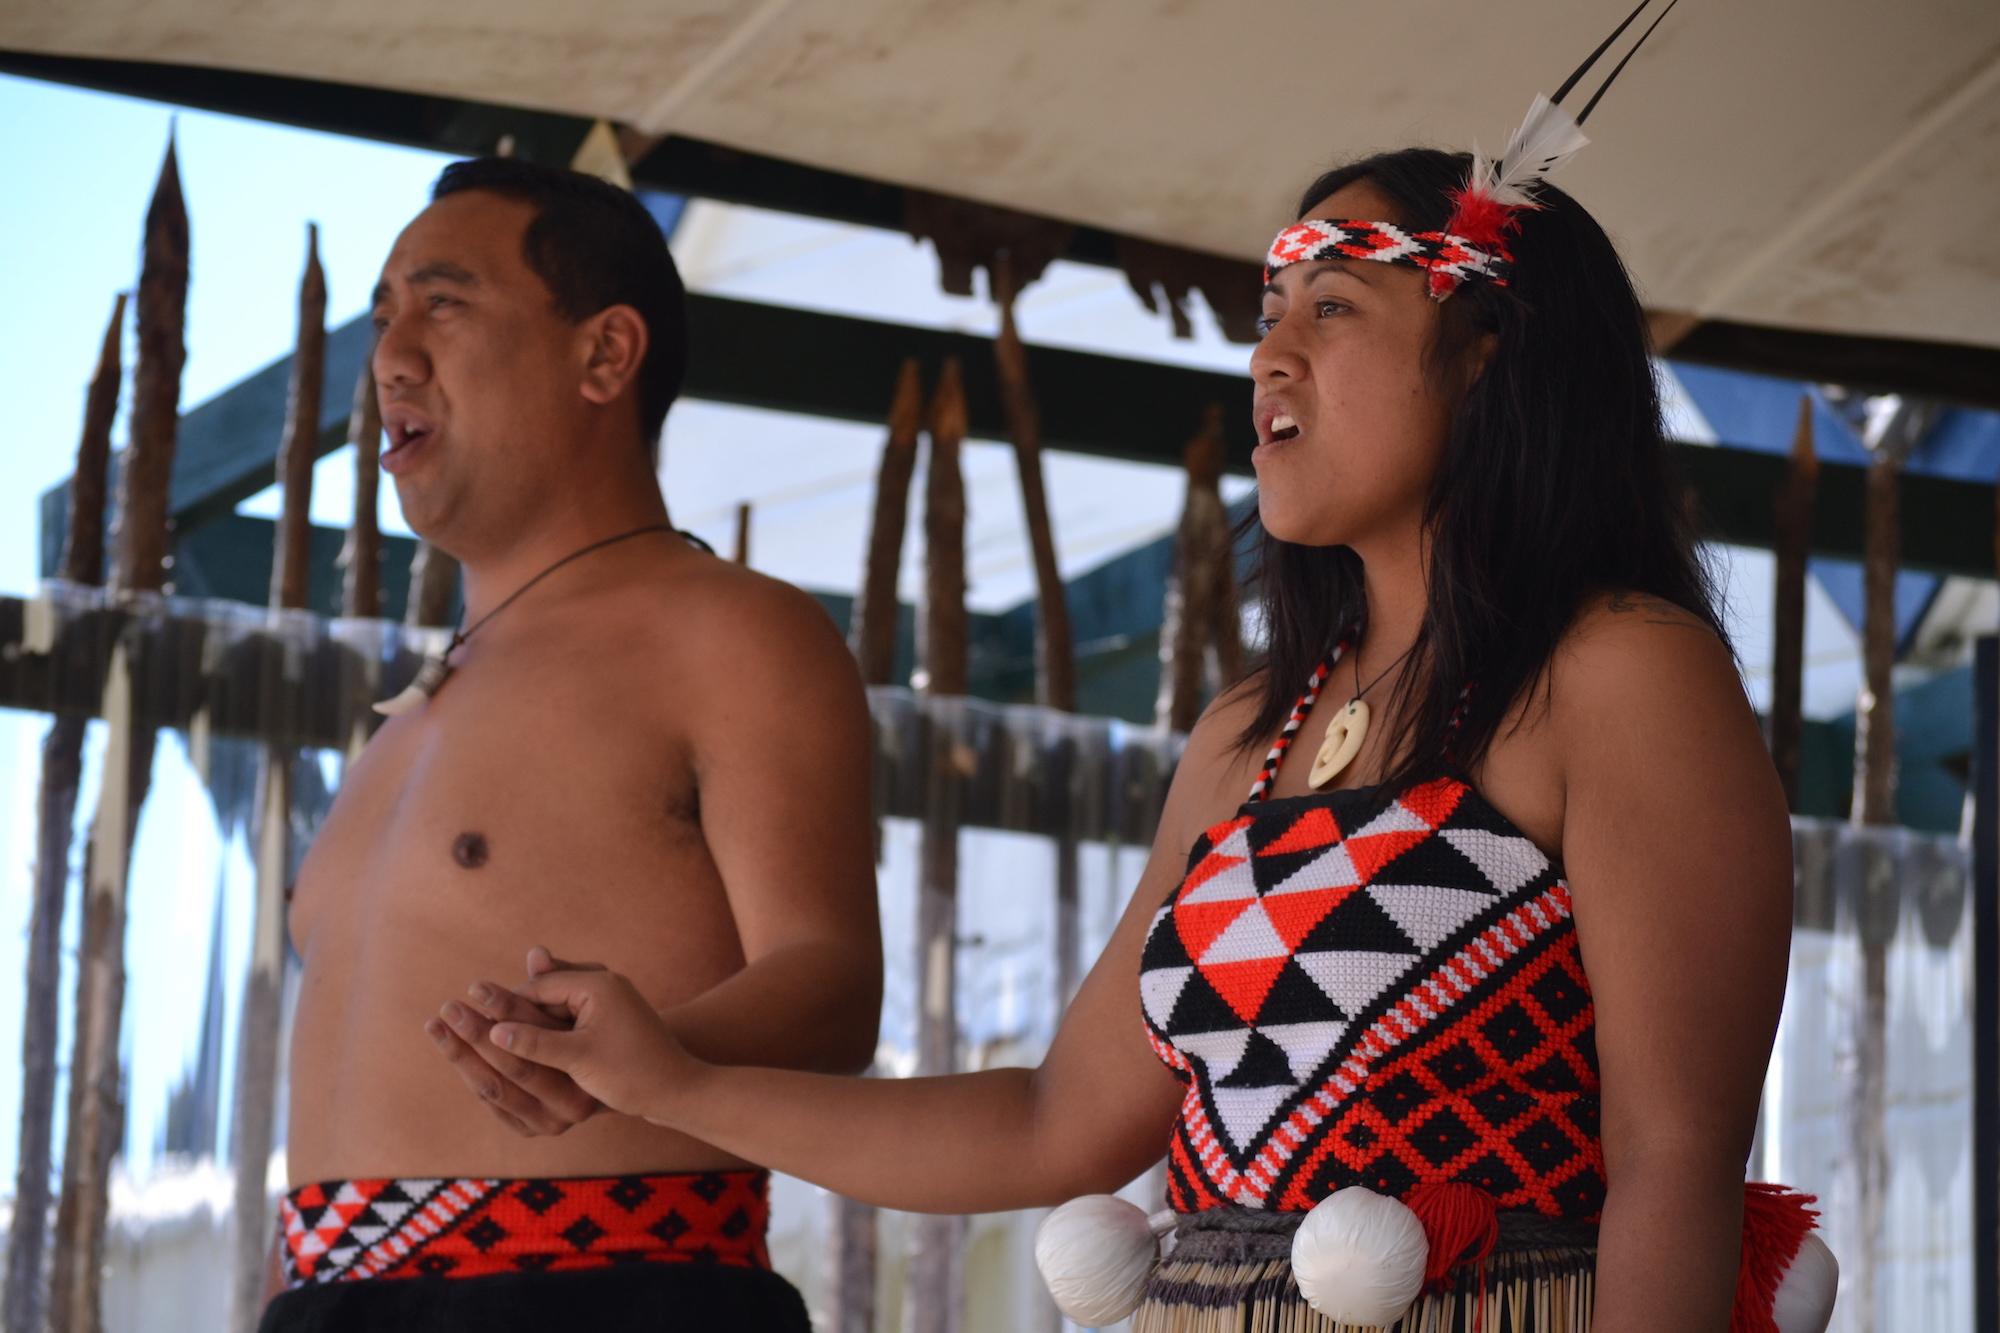 Powhiri at Whakarewarewa Maori Village